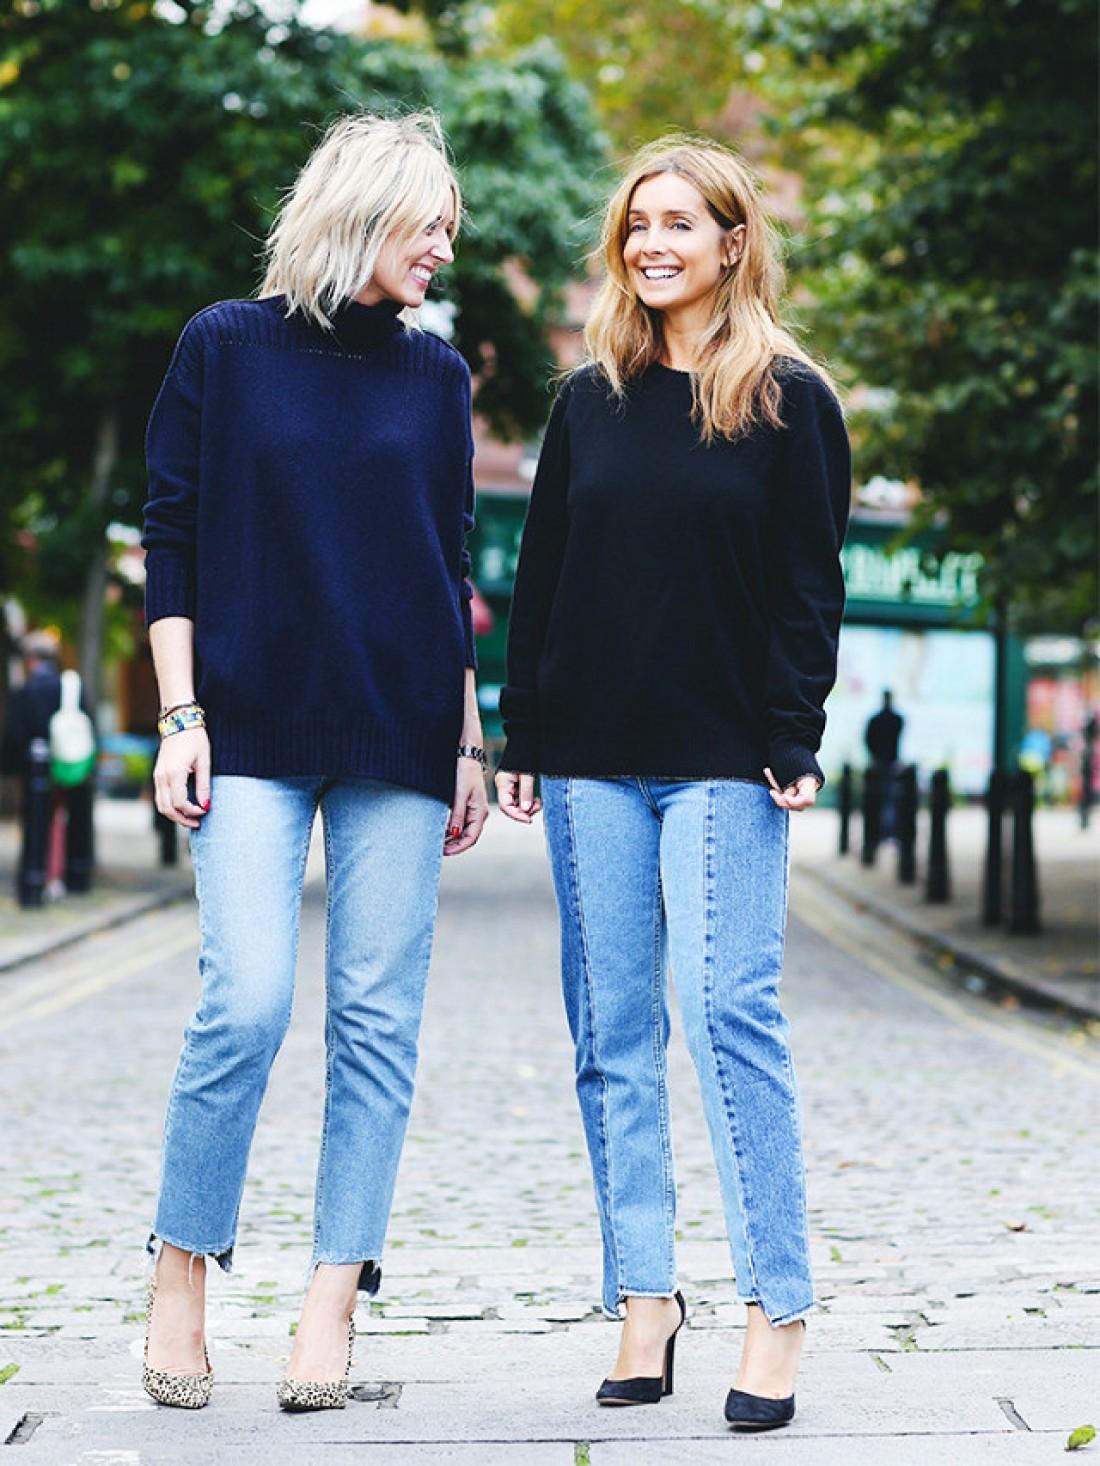 мода весна лето 2018 для женщин после 30: короткие голубые джинсы под свободные темные свитера